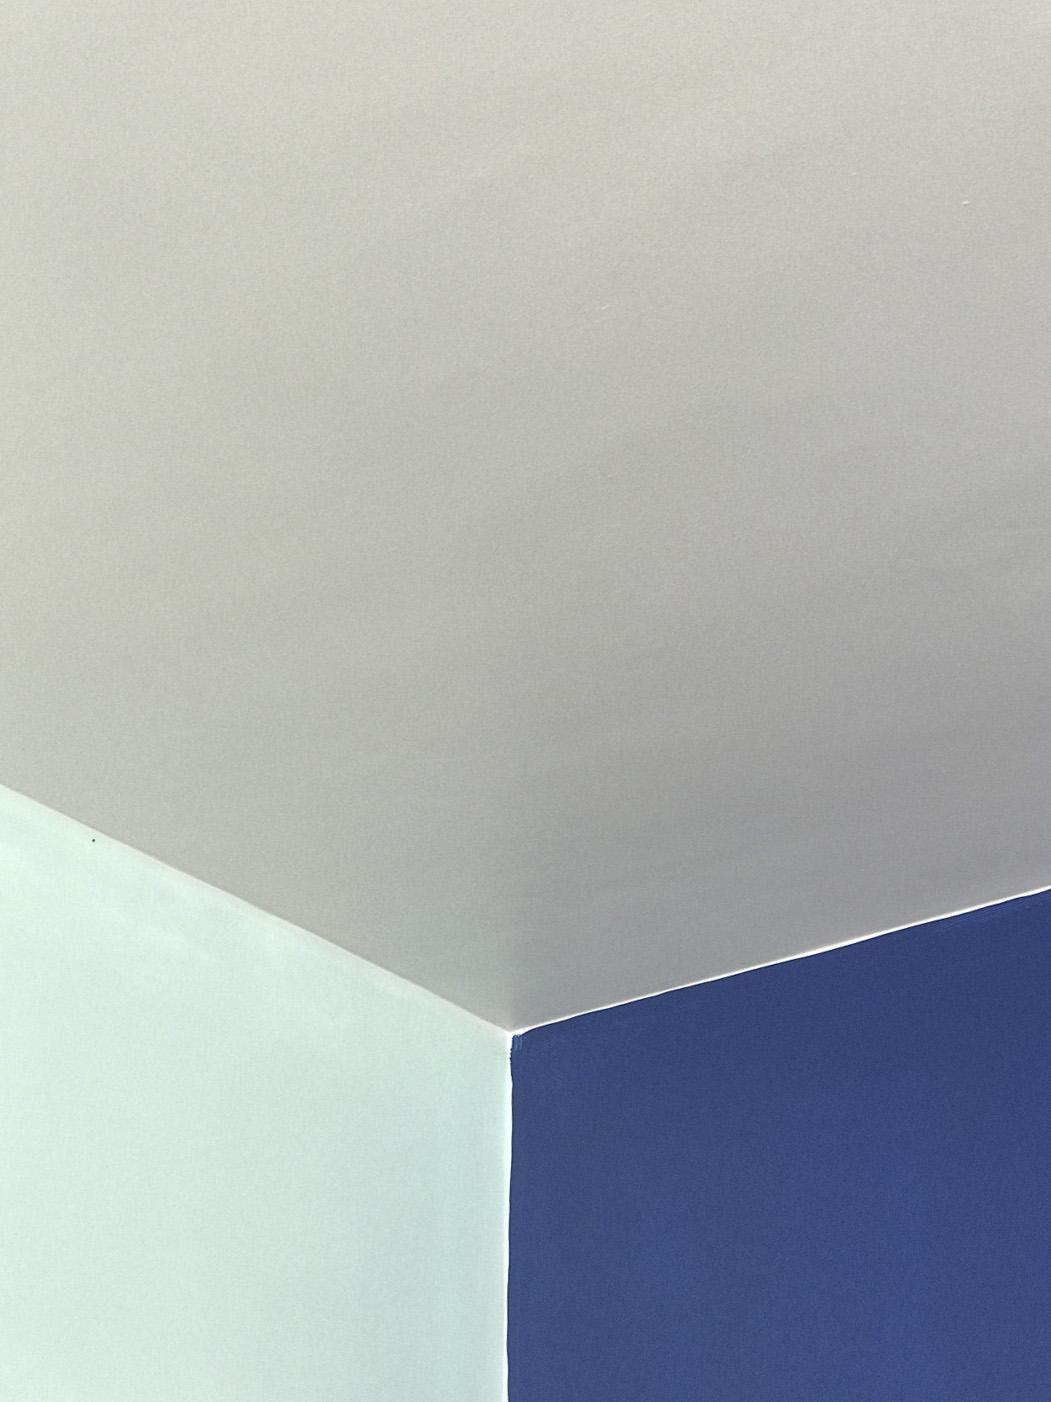 Apartamento Azul Farol - Porto - EVA evolutionary architecture - EVA atelier - Arquitecto - Remodelação (15).jpg